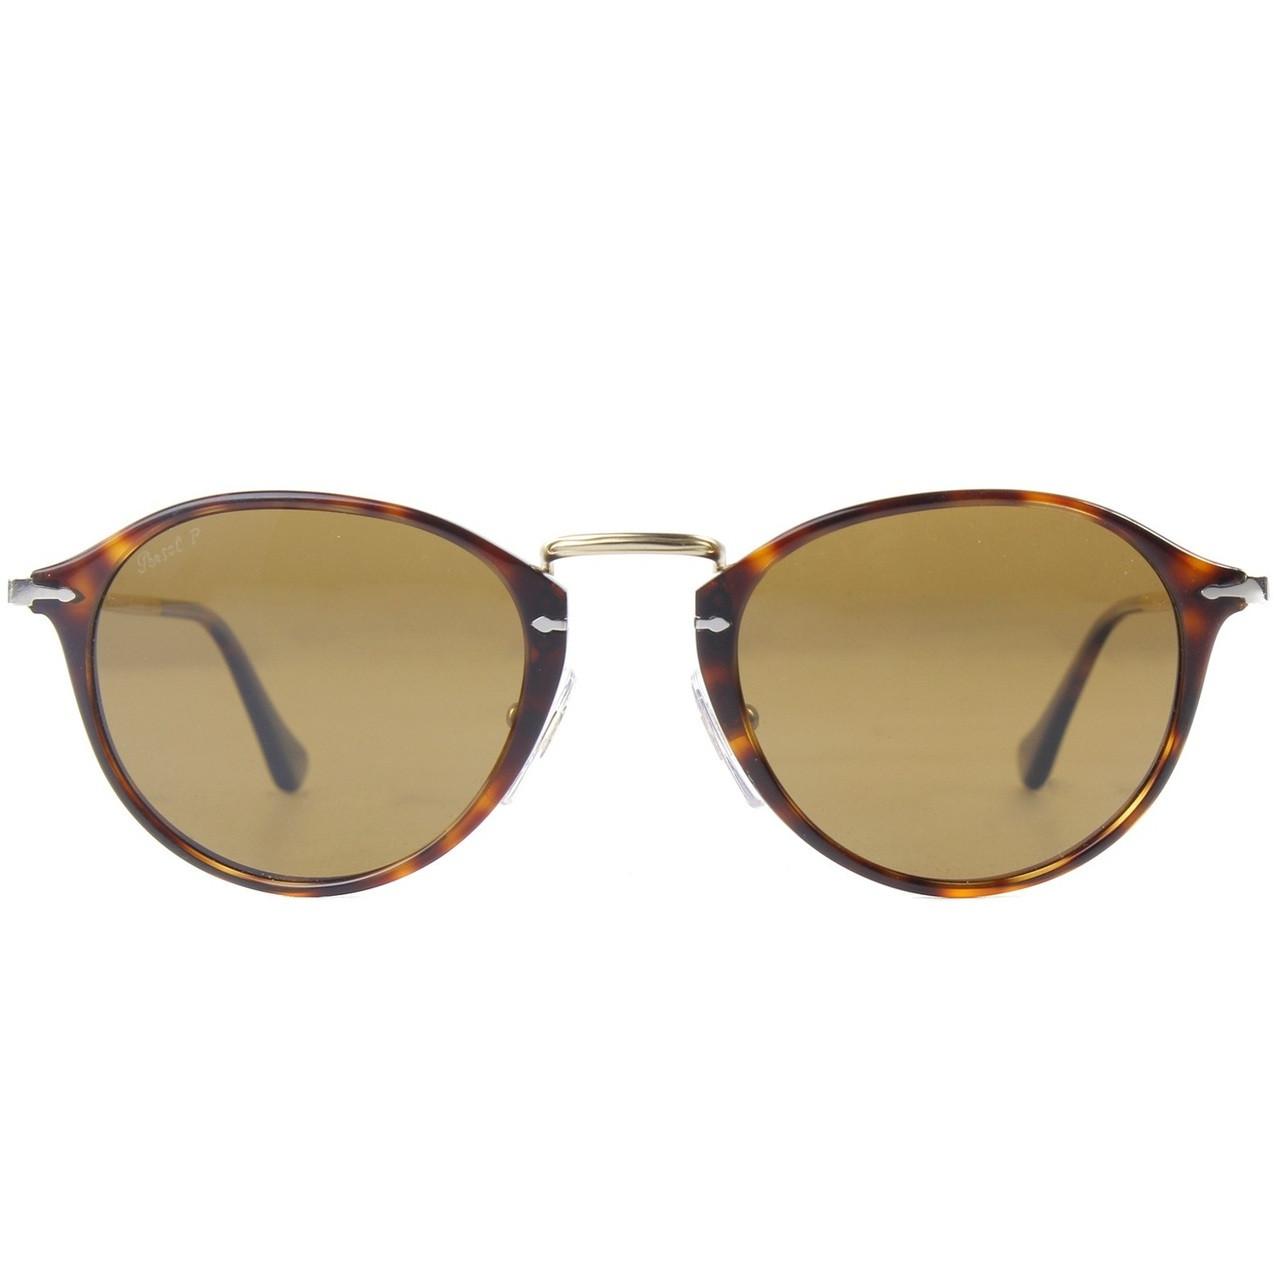 Sunglasses Reflex Po3046s Sunglasses Edition Reflex Persol Po3046s Persol Edition MGqSUpzV